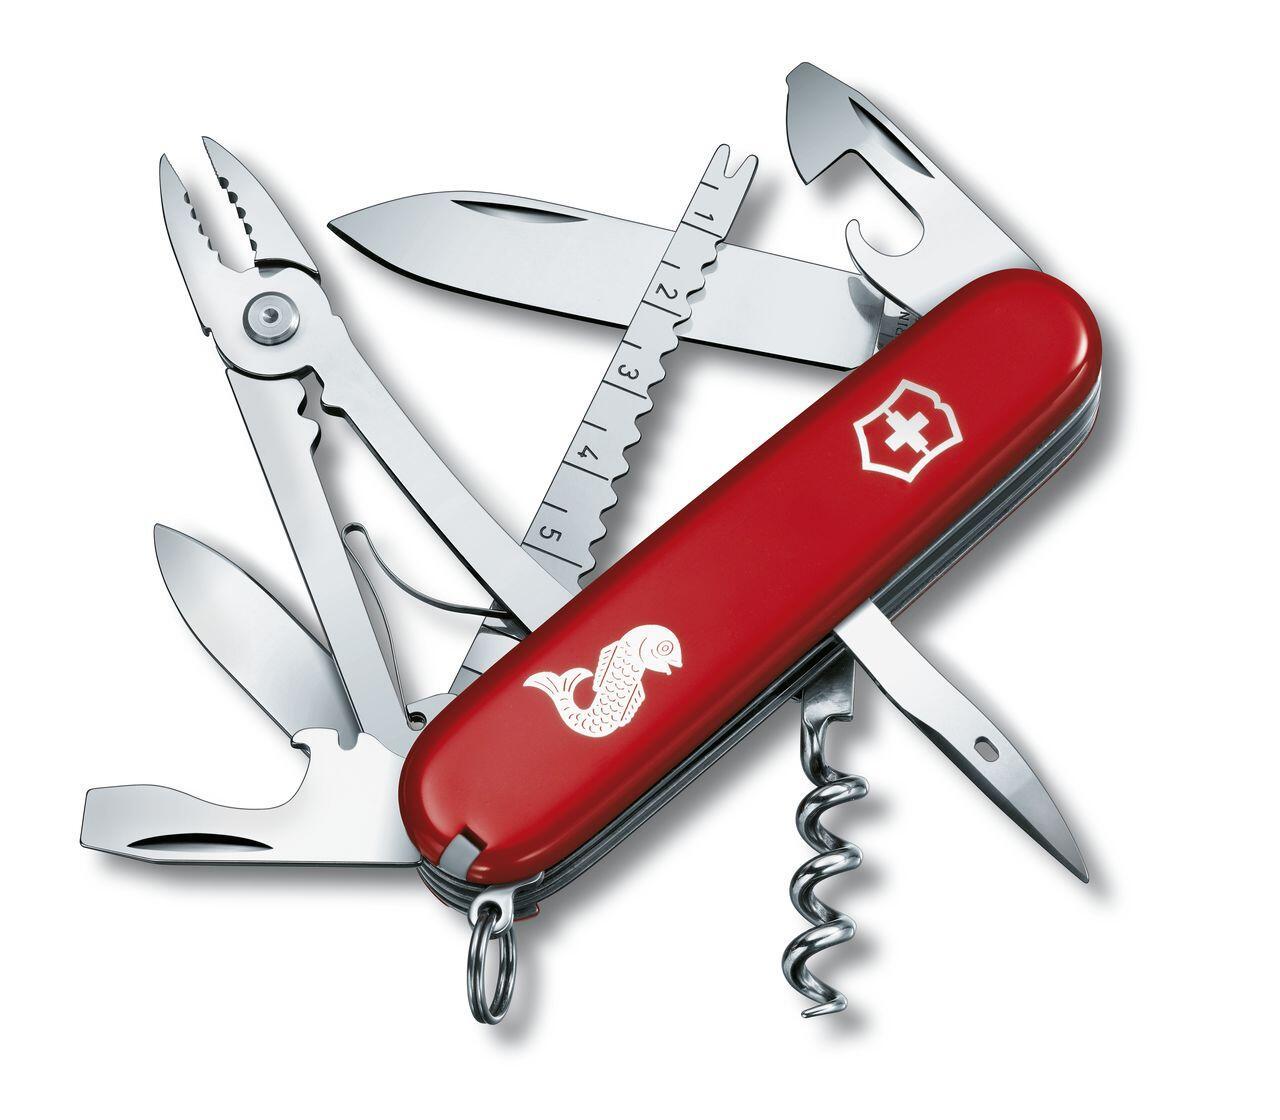 Canivete Victorinox Angler 1.3653.72